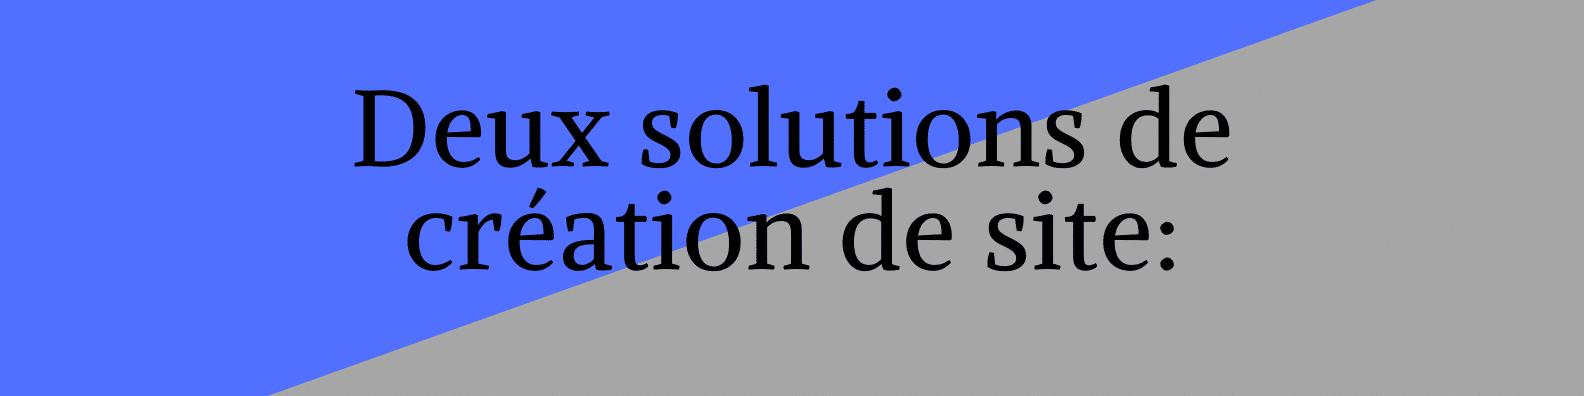 Titre deux solutions